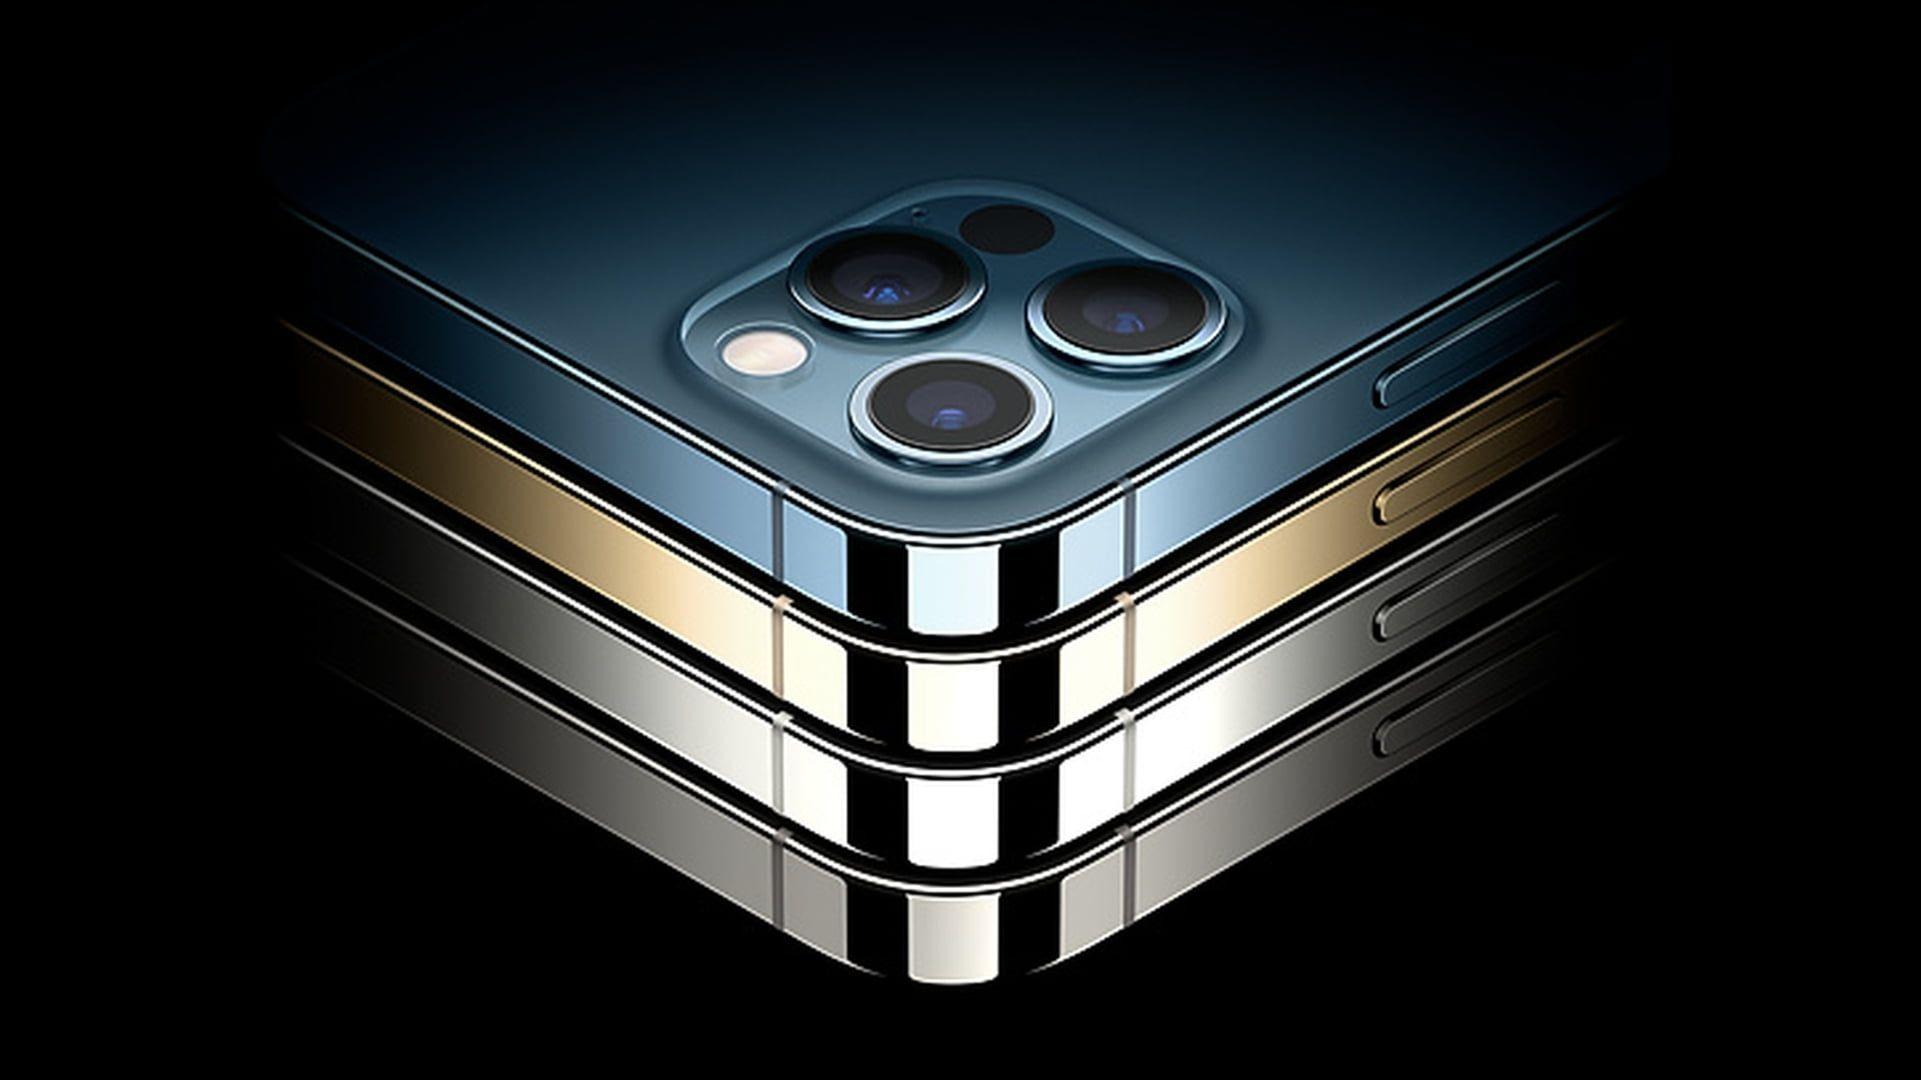 iPhone 13 Pro ma posiadać lepszy obiektyw ultra szerokokątny